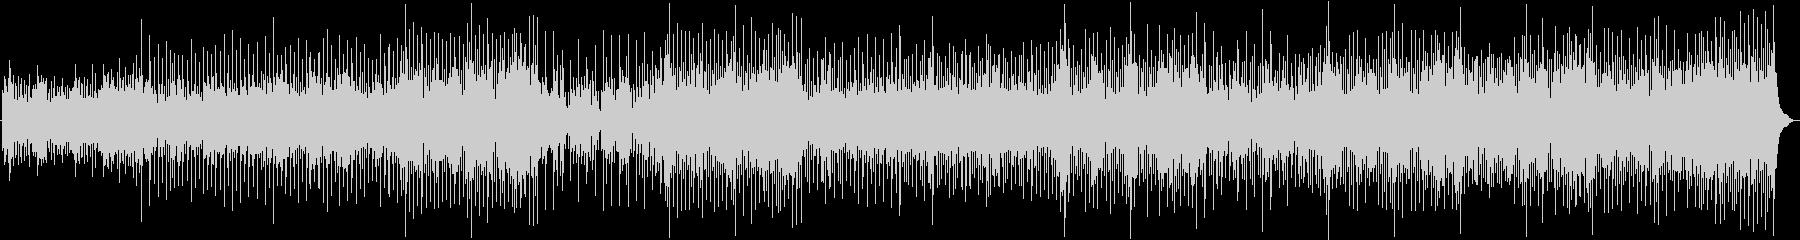 マンドリン、ピアノ、アコースティッ...の未再生の波形